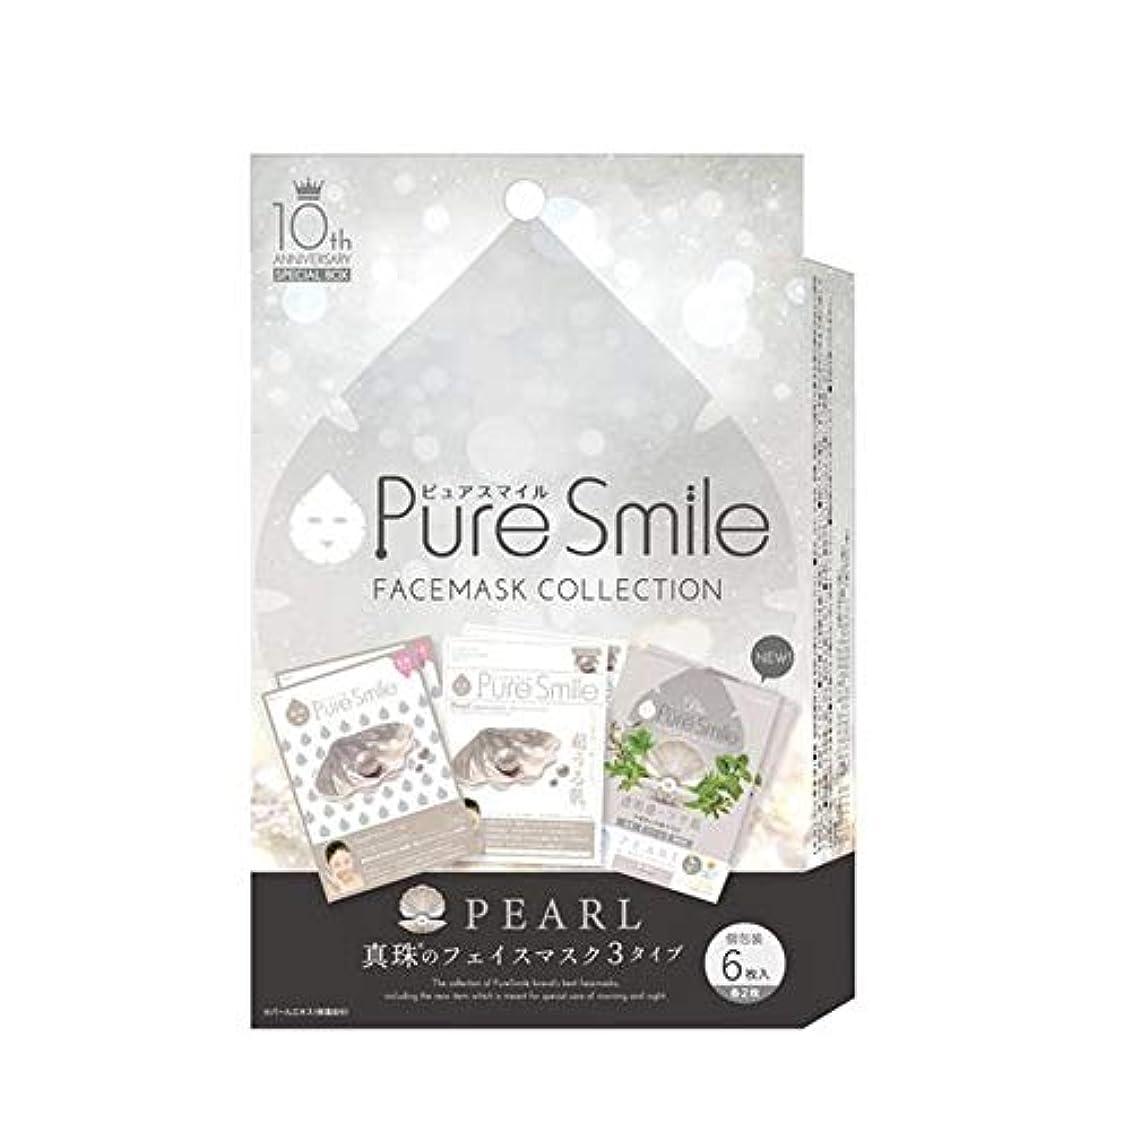 デマンド報告書悪名高いピュア スマイル Pure Smile 10thアニバーサリー スペシャルボックス 真珠 6枚入り